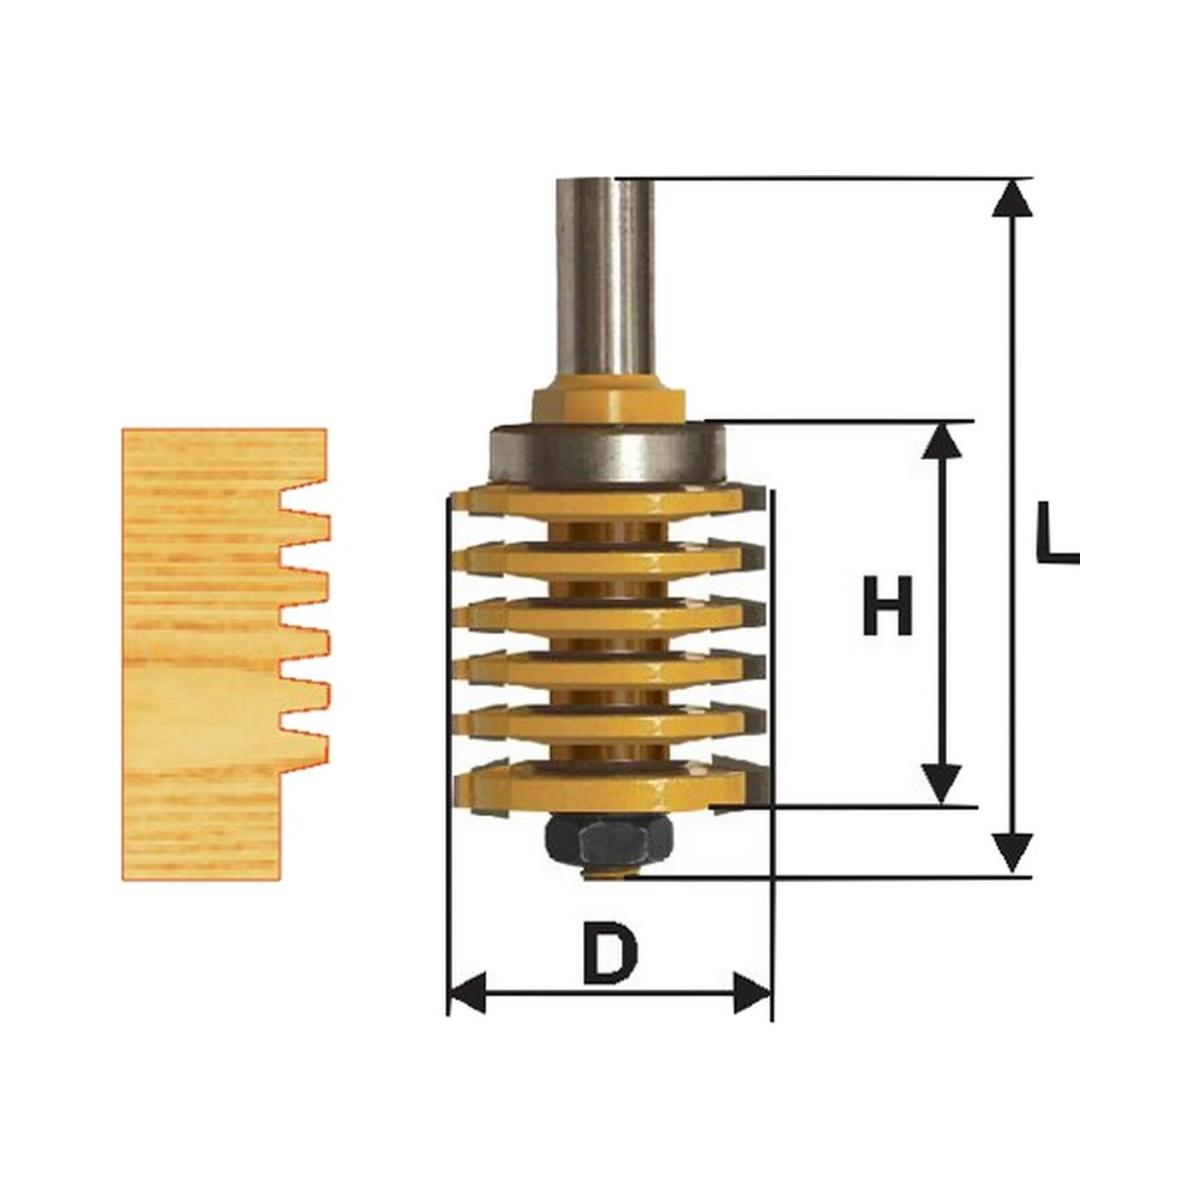 Фреза микрошиповая ЭНКОР ф41х47 мм 12 мм